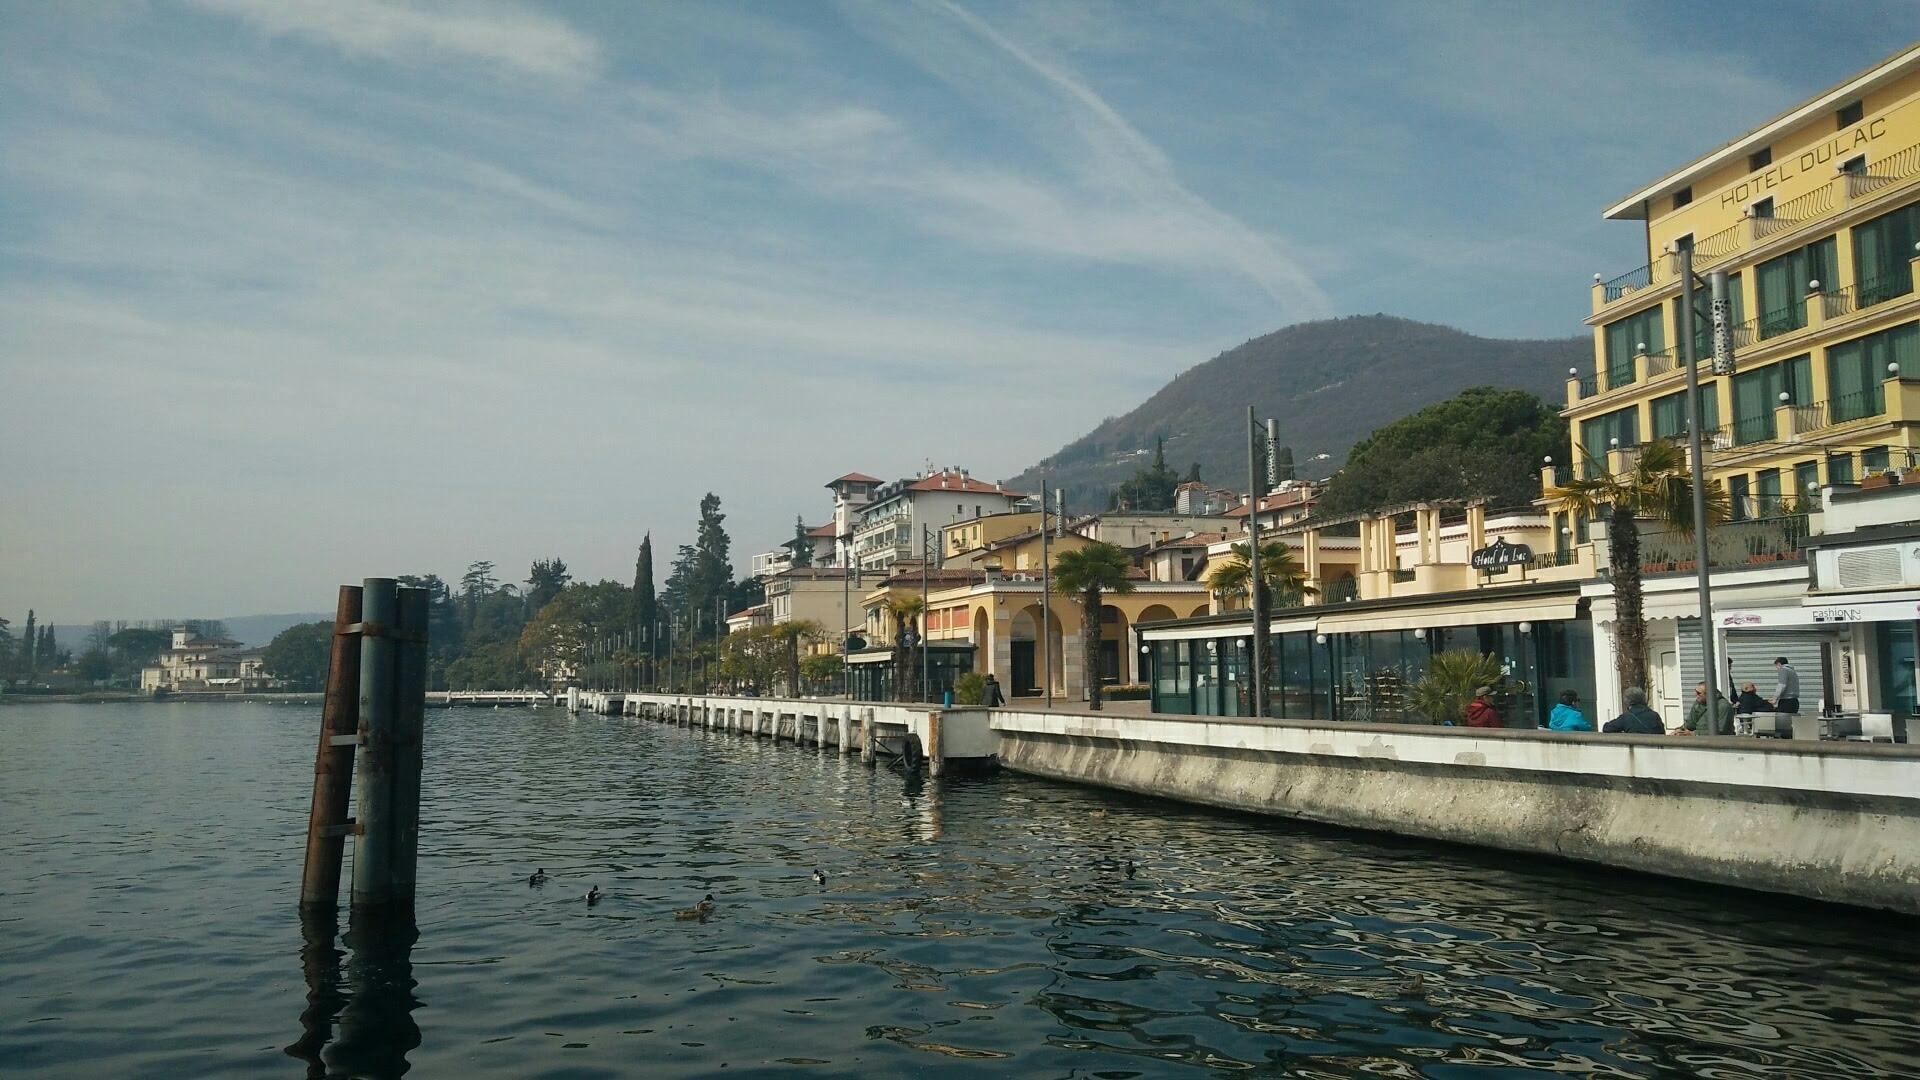 passeio-no-lago-di-garda-pt3-ae23e2c14fd